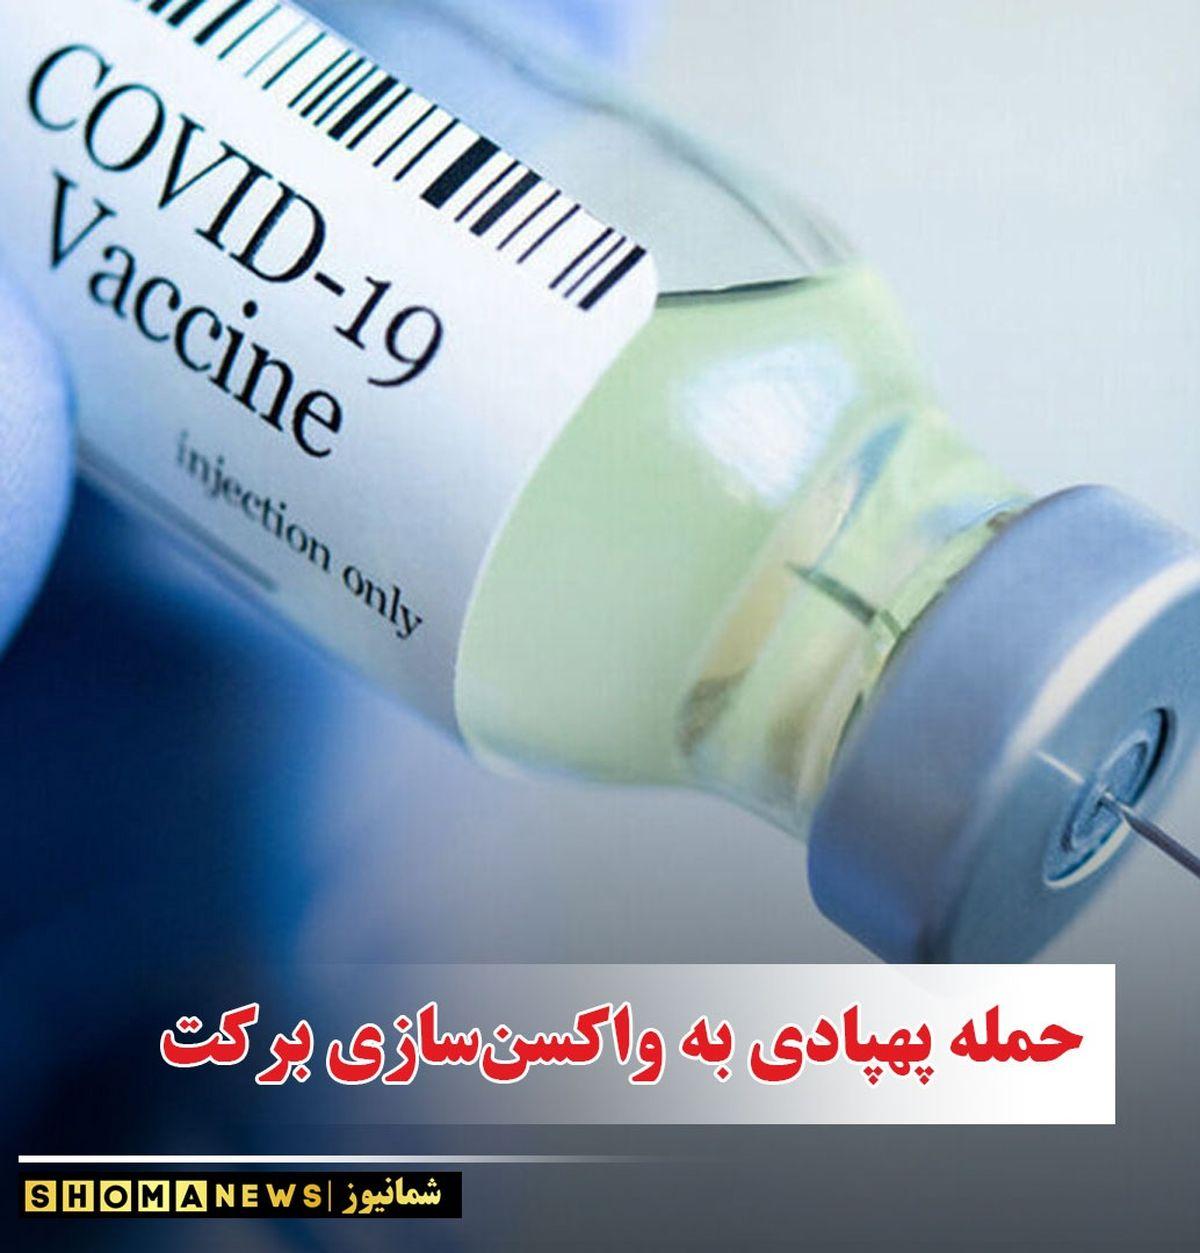 فوری/ حمله پهپادی به واکسن سازی برکت